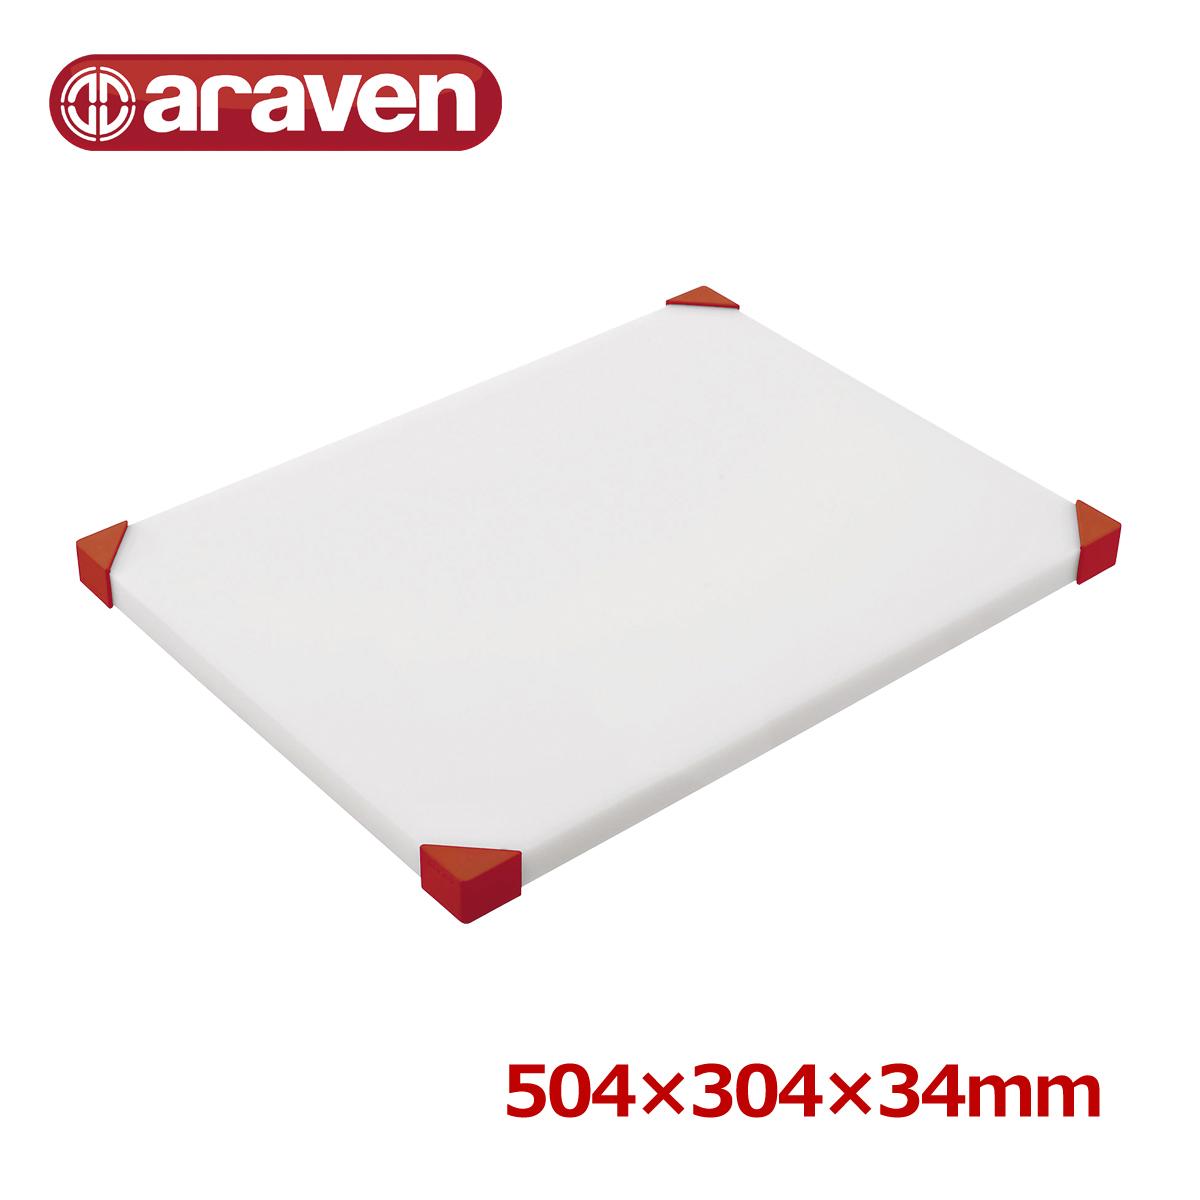 【格安SALEスタート】 [クーポンでMAX10%OFF 12日10時迄]araven まな板 504×304×H34mm 赤 2101 業務用 家庭用 カッティングボード おしゃれ かわいい シンプル 新生活 清潔, ark-interior-shop c95710ad